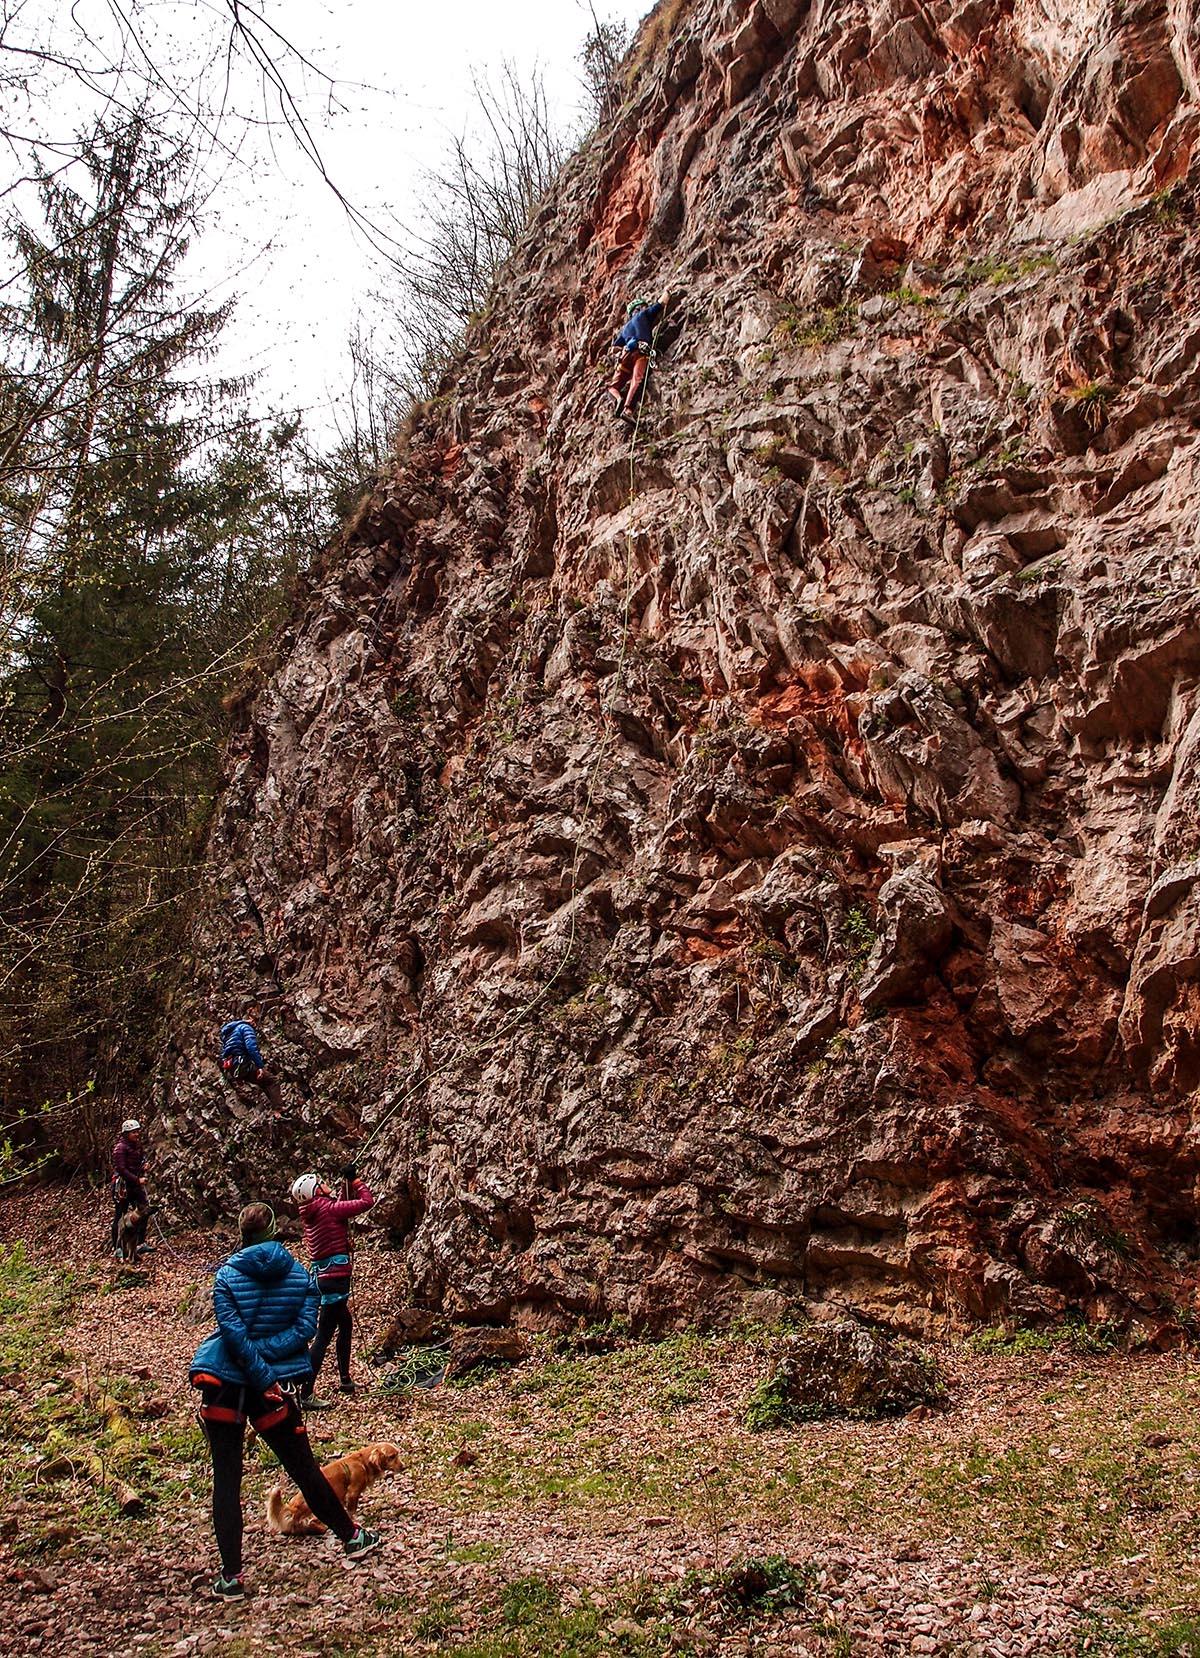 Sektor K60 priedhorie, ľahká lezecká oblasť